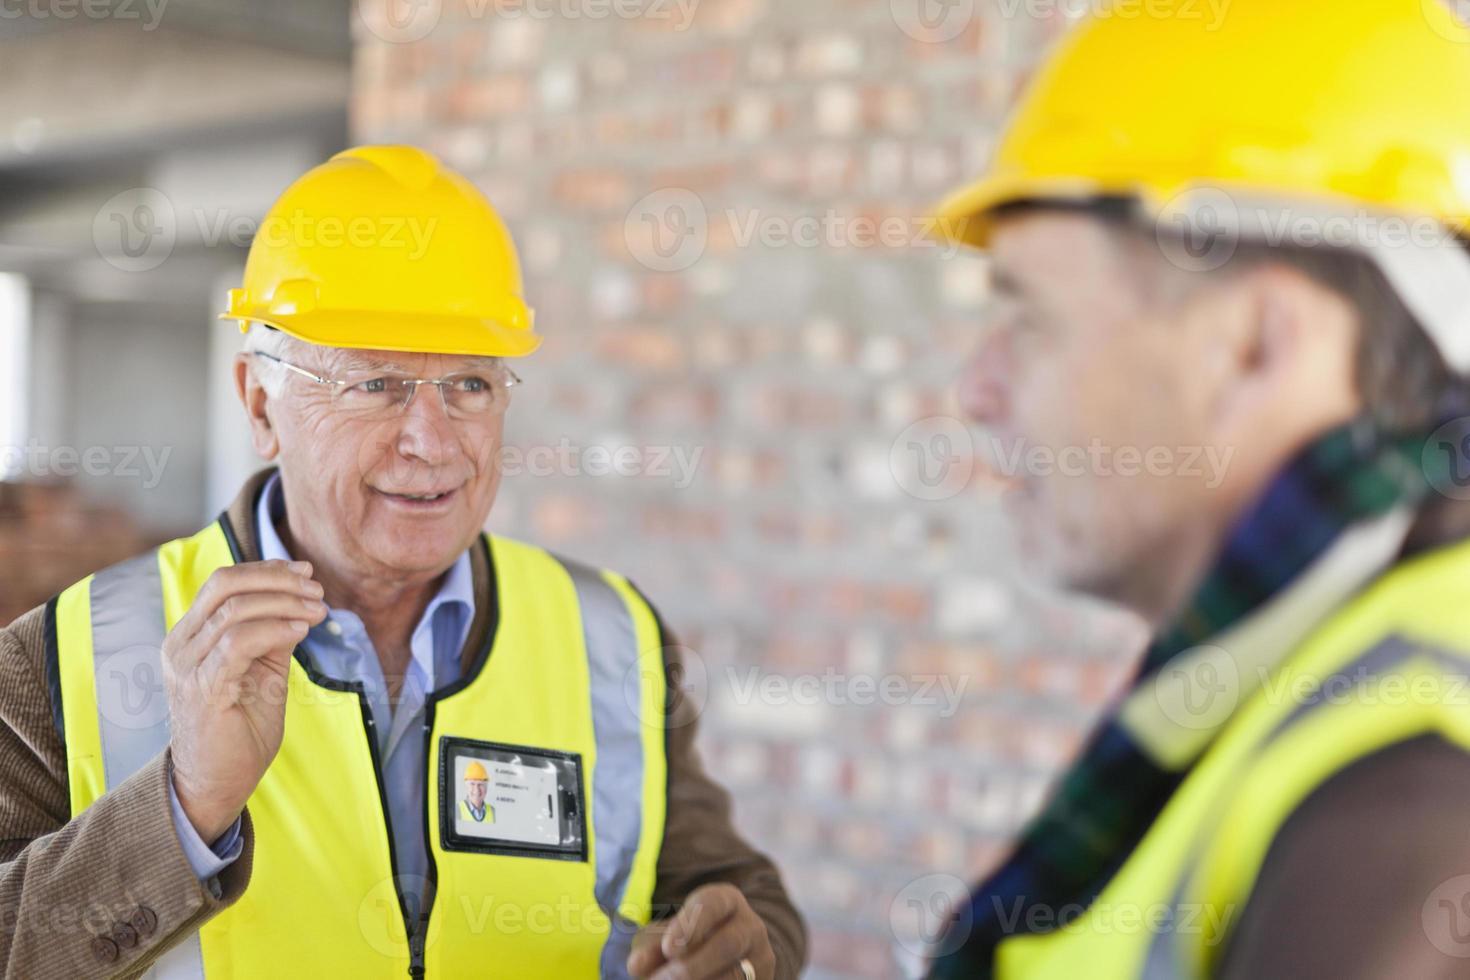 operai edili parlando in loco foto